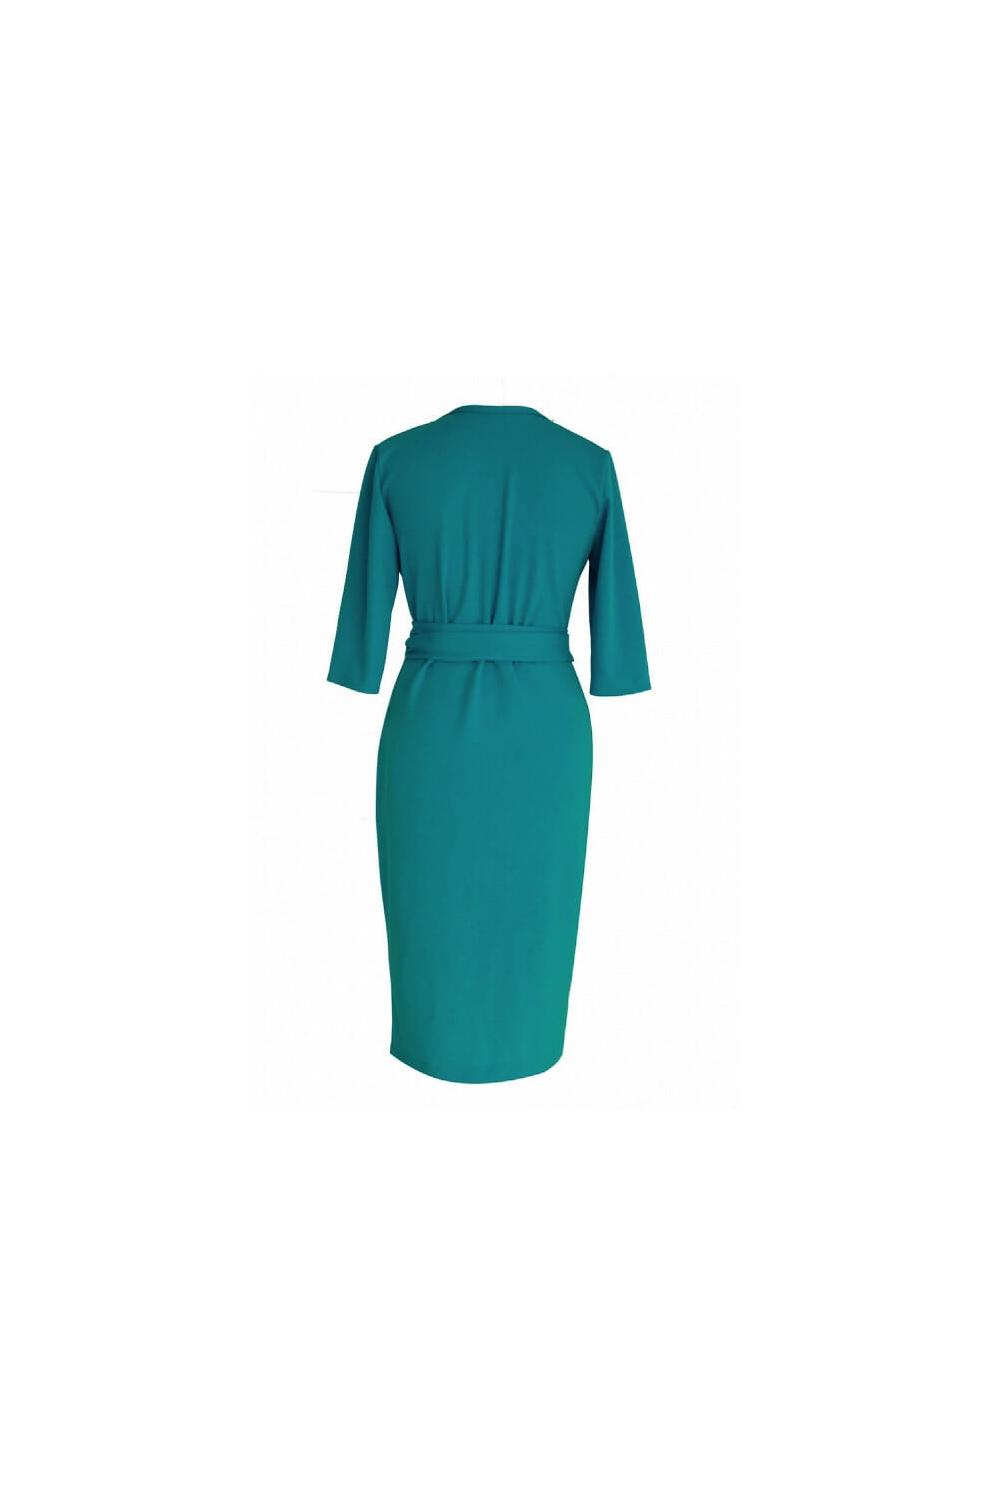 1b649e52 Morska sukienka z wiązaniem - VENEZIA - Sklep PLUS SIZE XL-ka